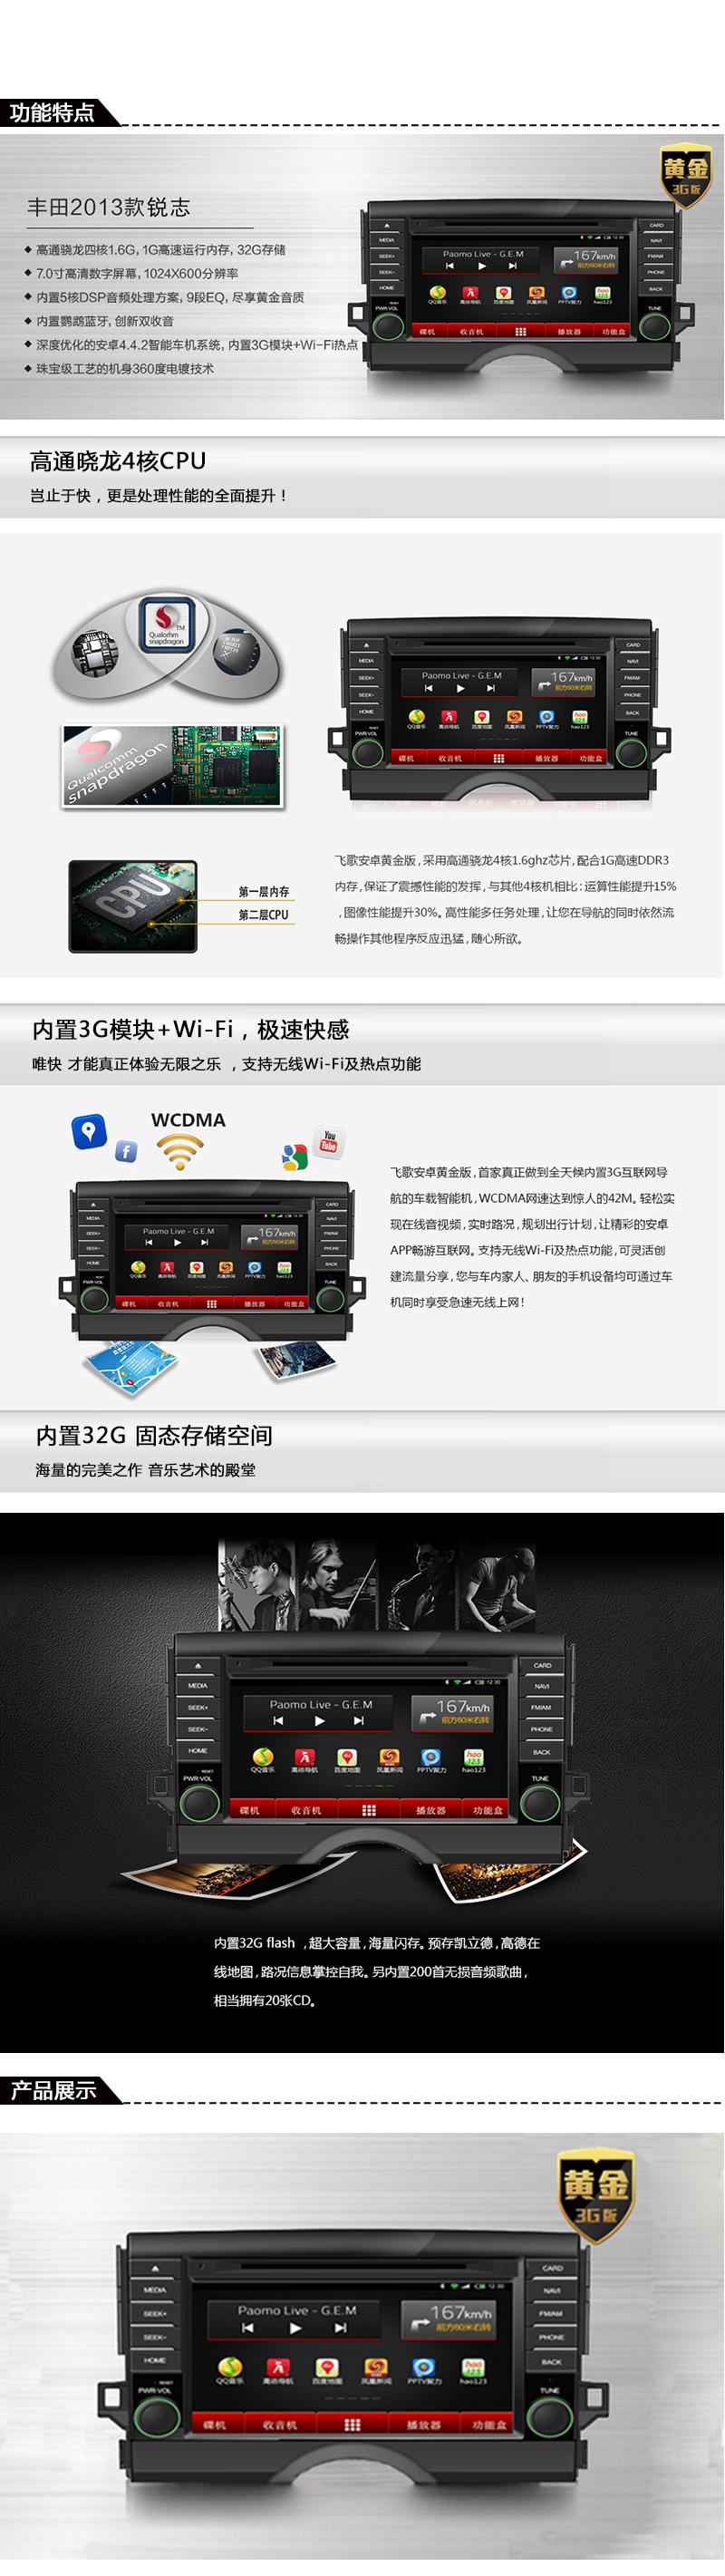 飞歌导航丰田G8安卓黄金版 2013款锐志汽车导航图片二